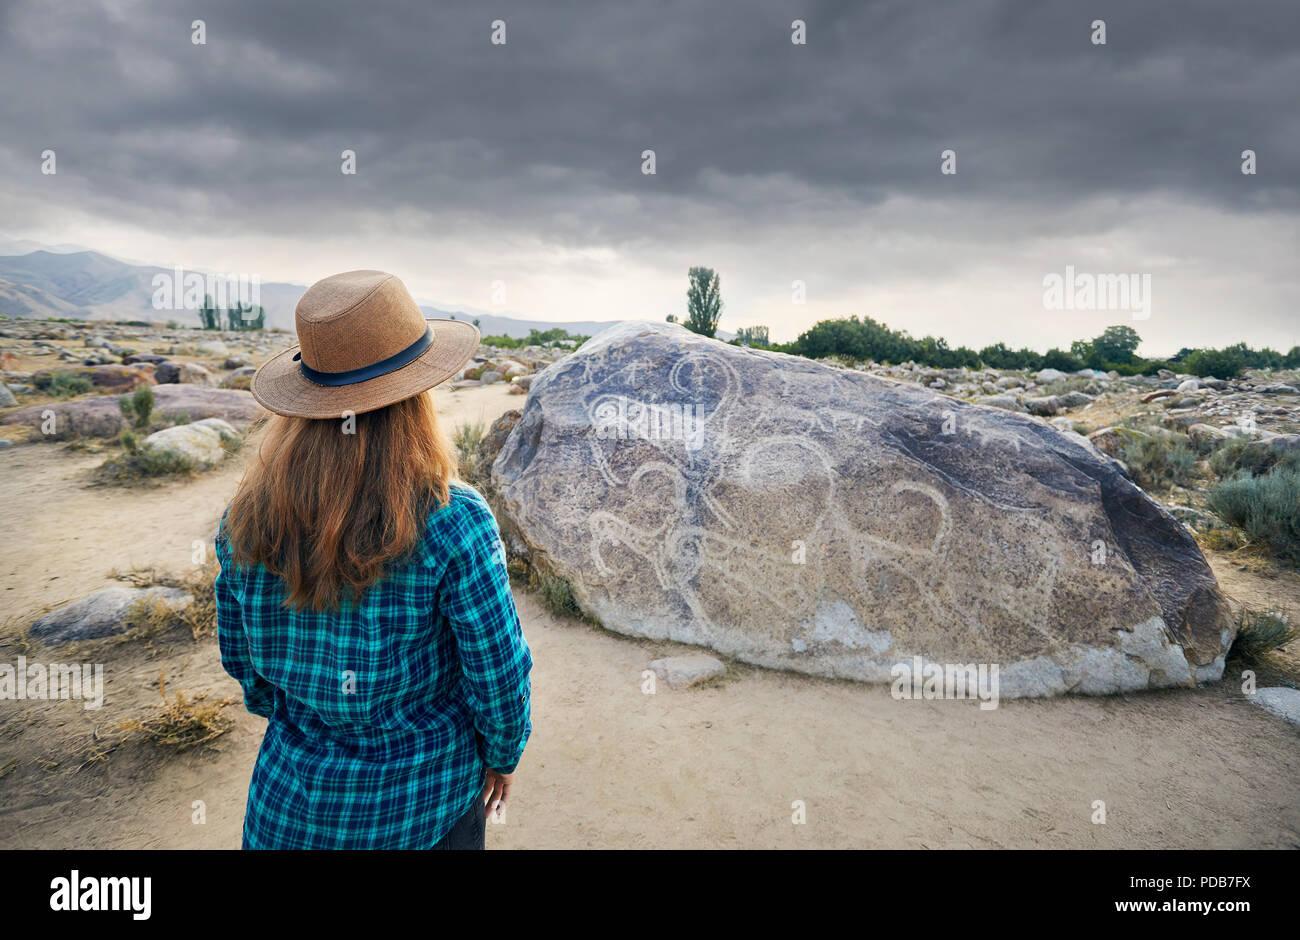 Woman in Hat en chemise bleue dans le musée en plein air près de stone ancient petroglyph de chèvres à Kirghizistan. Musée du patrimoine de la culture. Banque D'Images